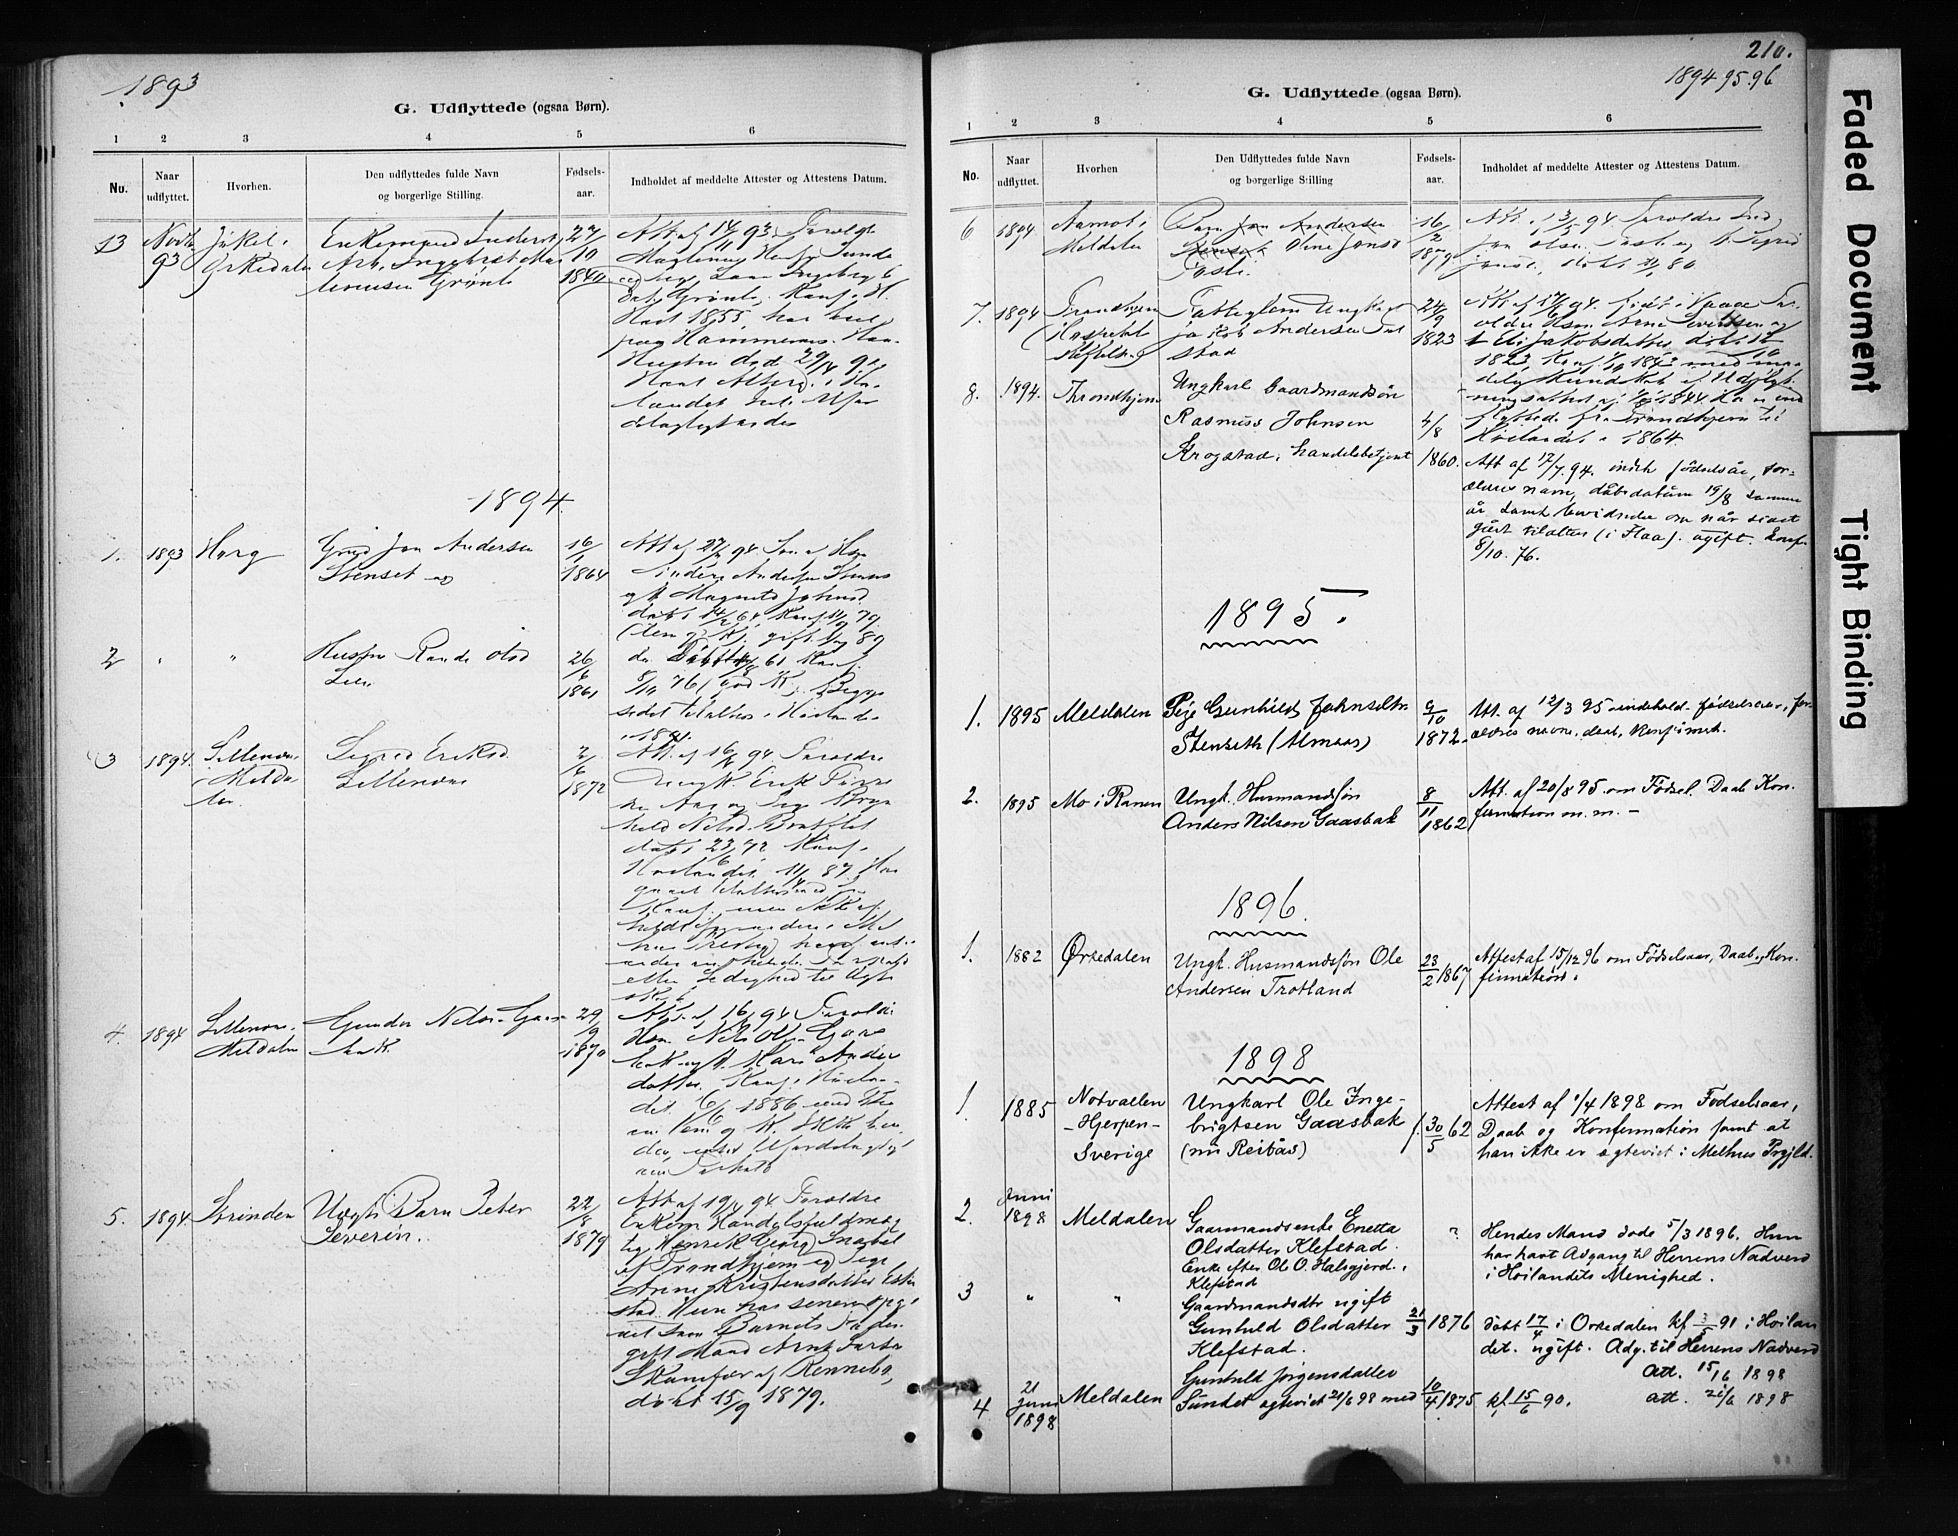 SAT, Ministerialprotokoller, klokkerbøker og fødselsregistre - Sør-Trøndelag, 694/L1127: Ministerialbok nr. 694A01, 1887-1905, s. 210